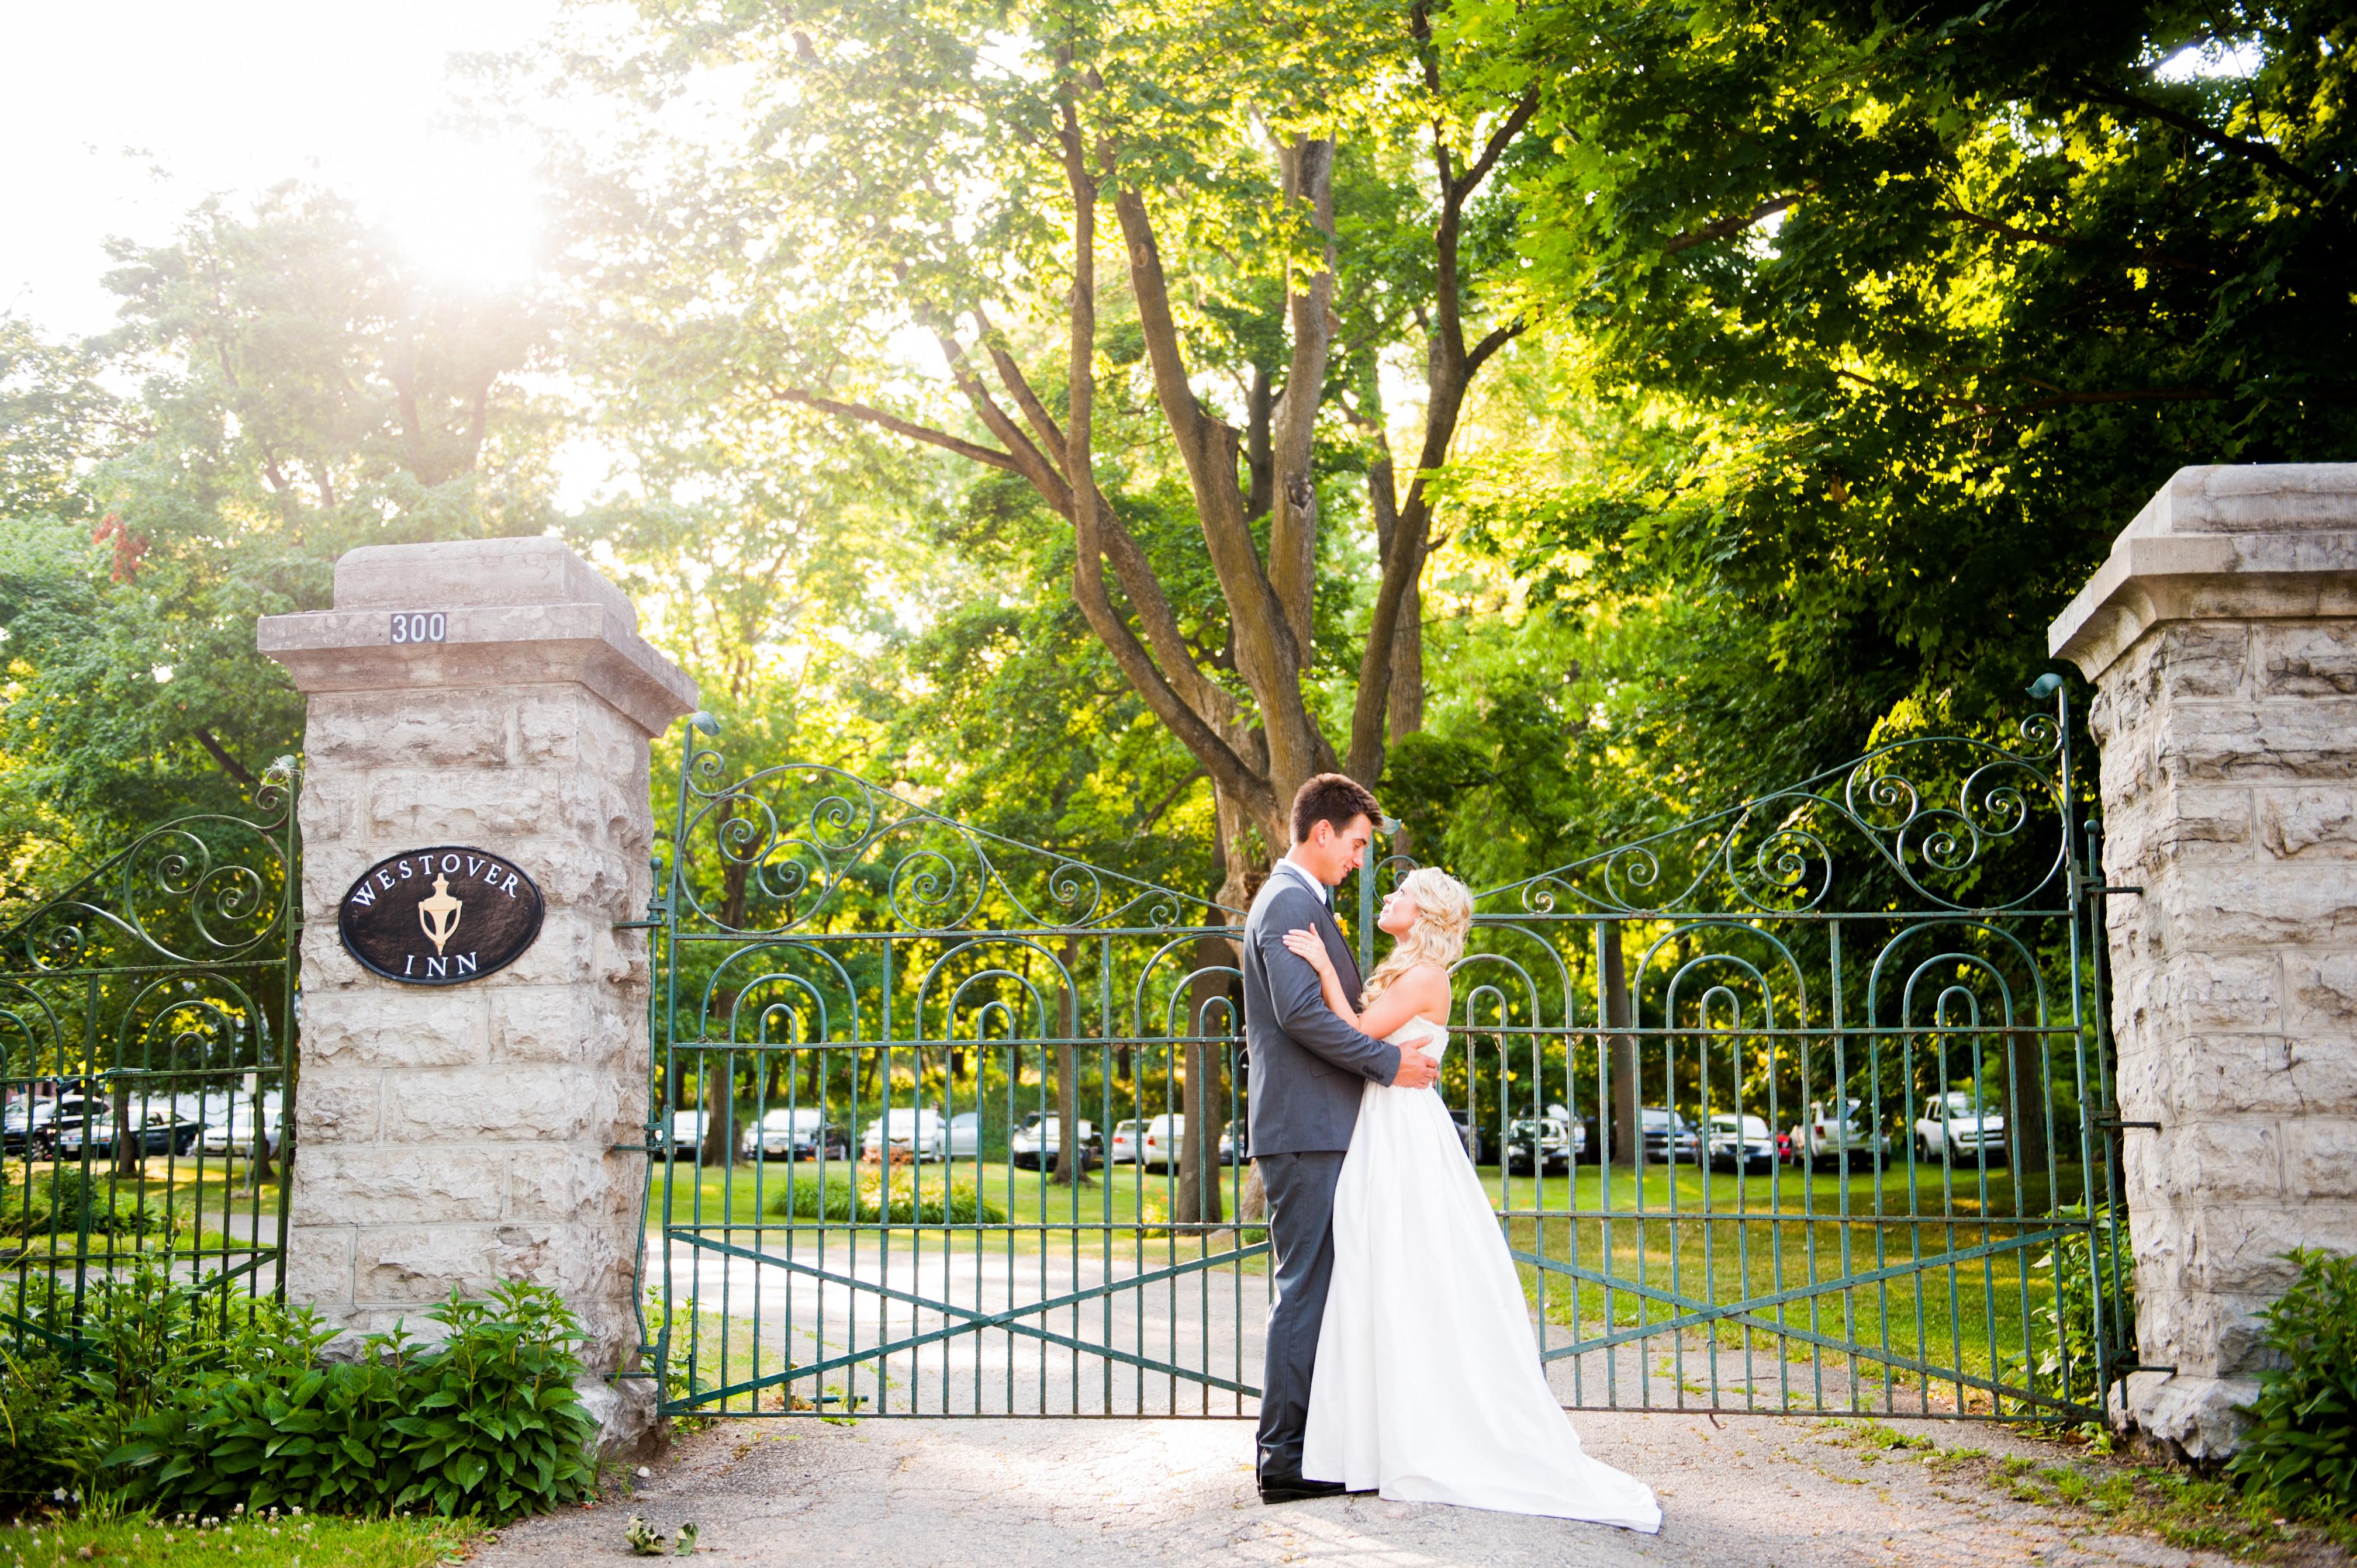 Westover Inn Weddings Ontario